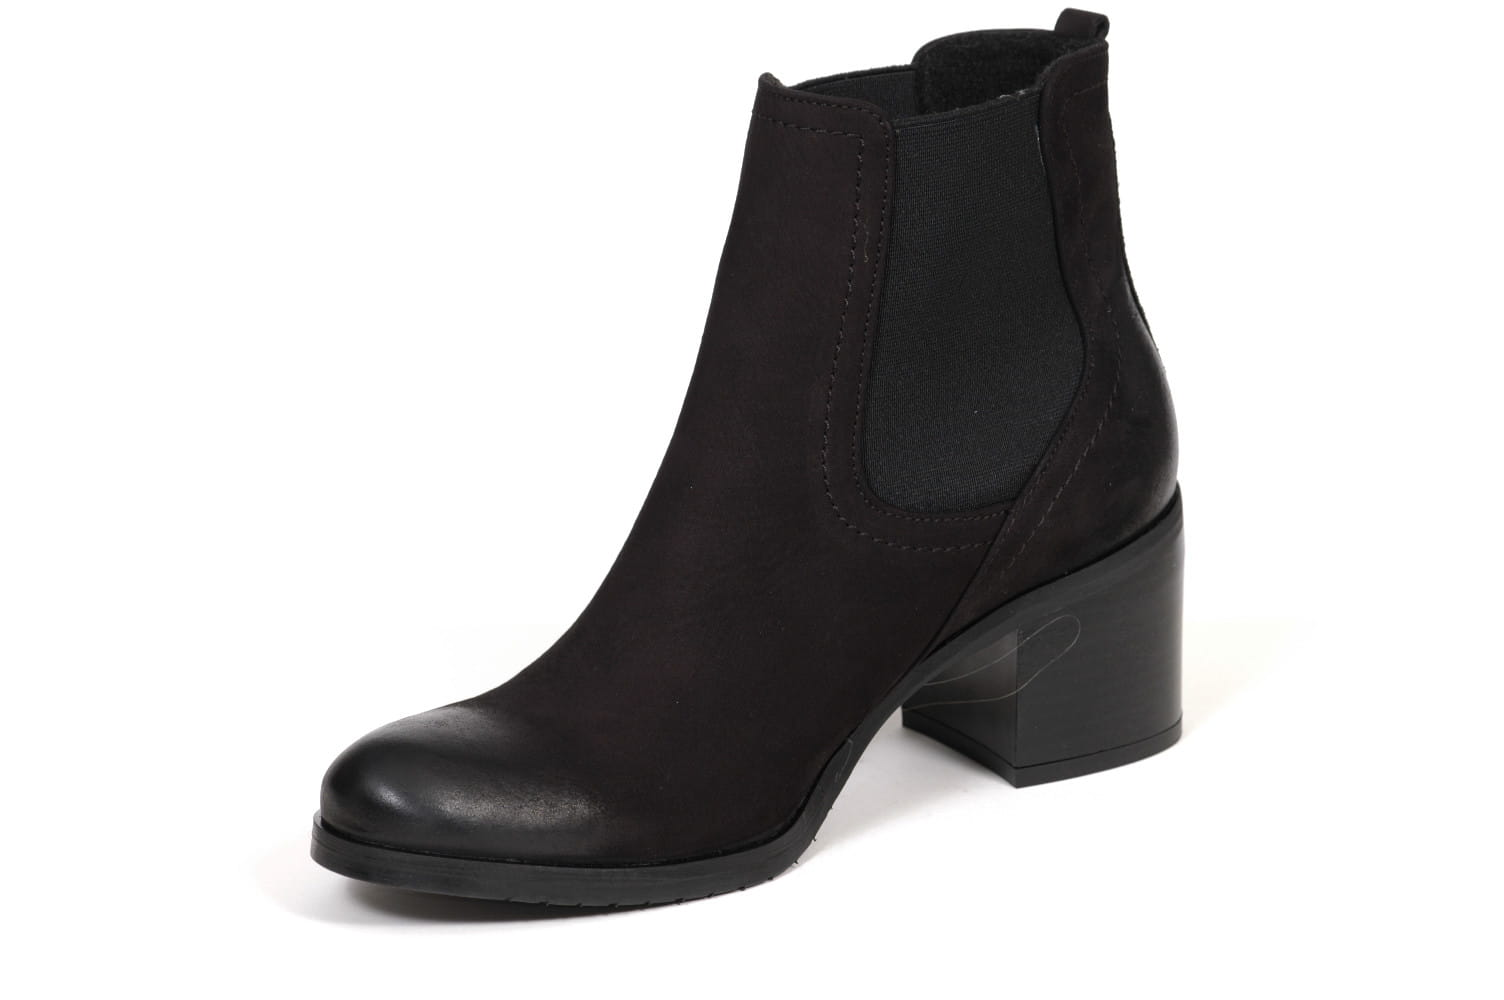 c2e451e55e516 Botki Nessi 53004 Czarny 912 Butybuk - internetowy sklep obuwniczy ...